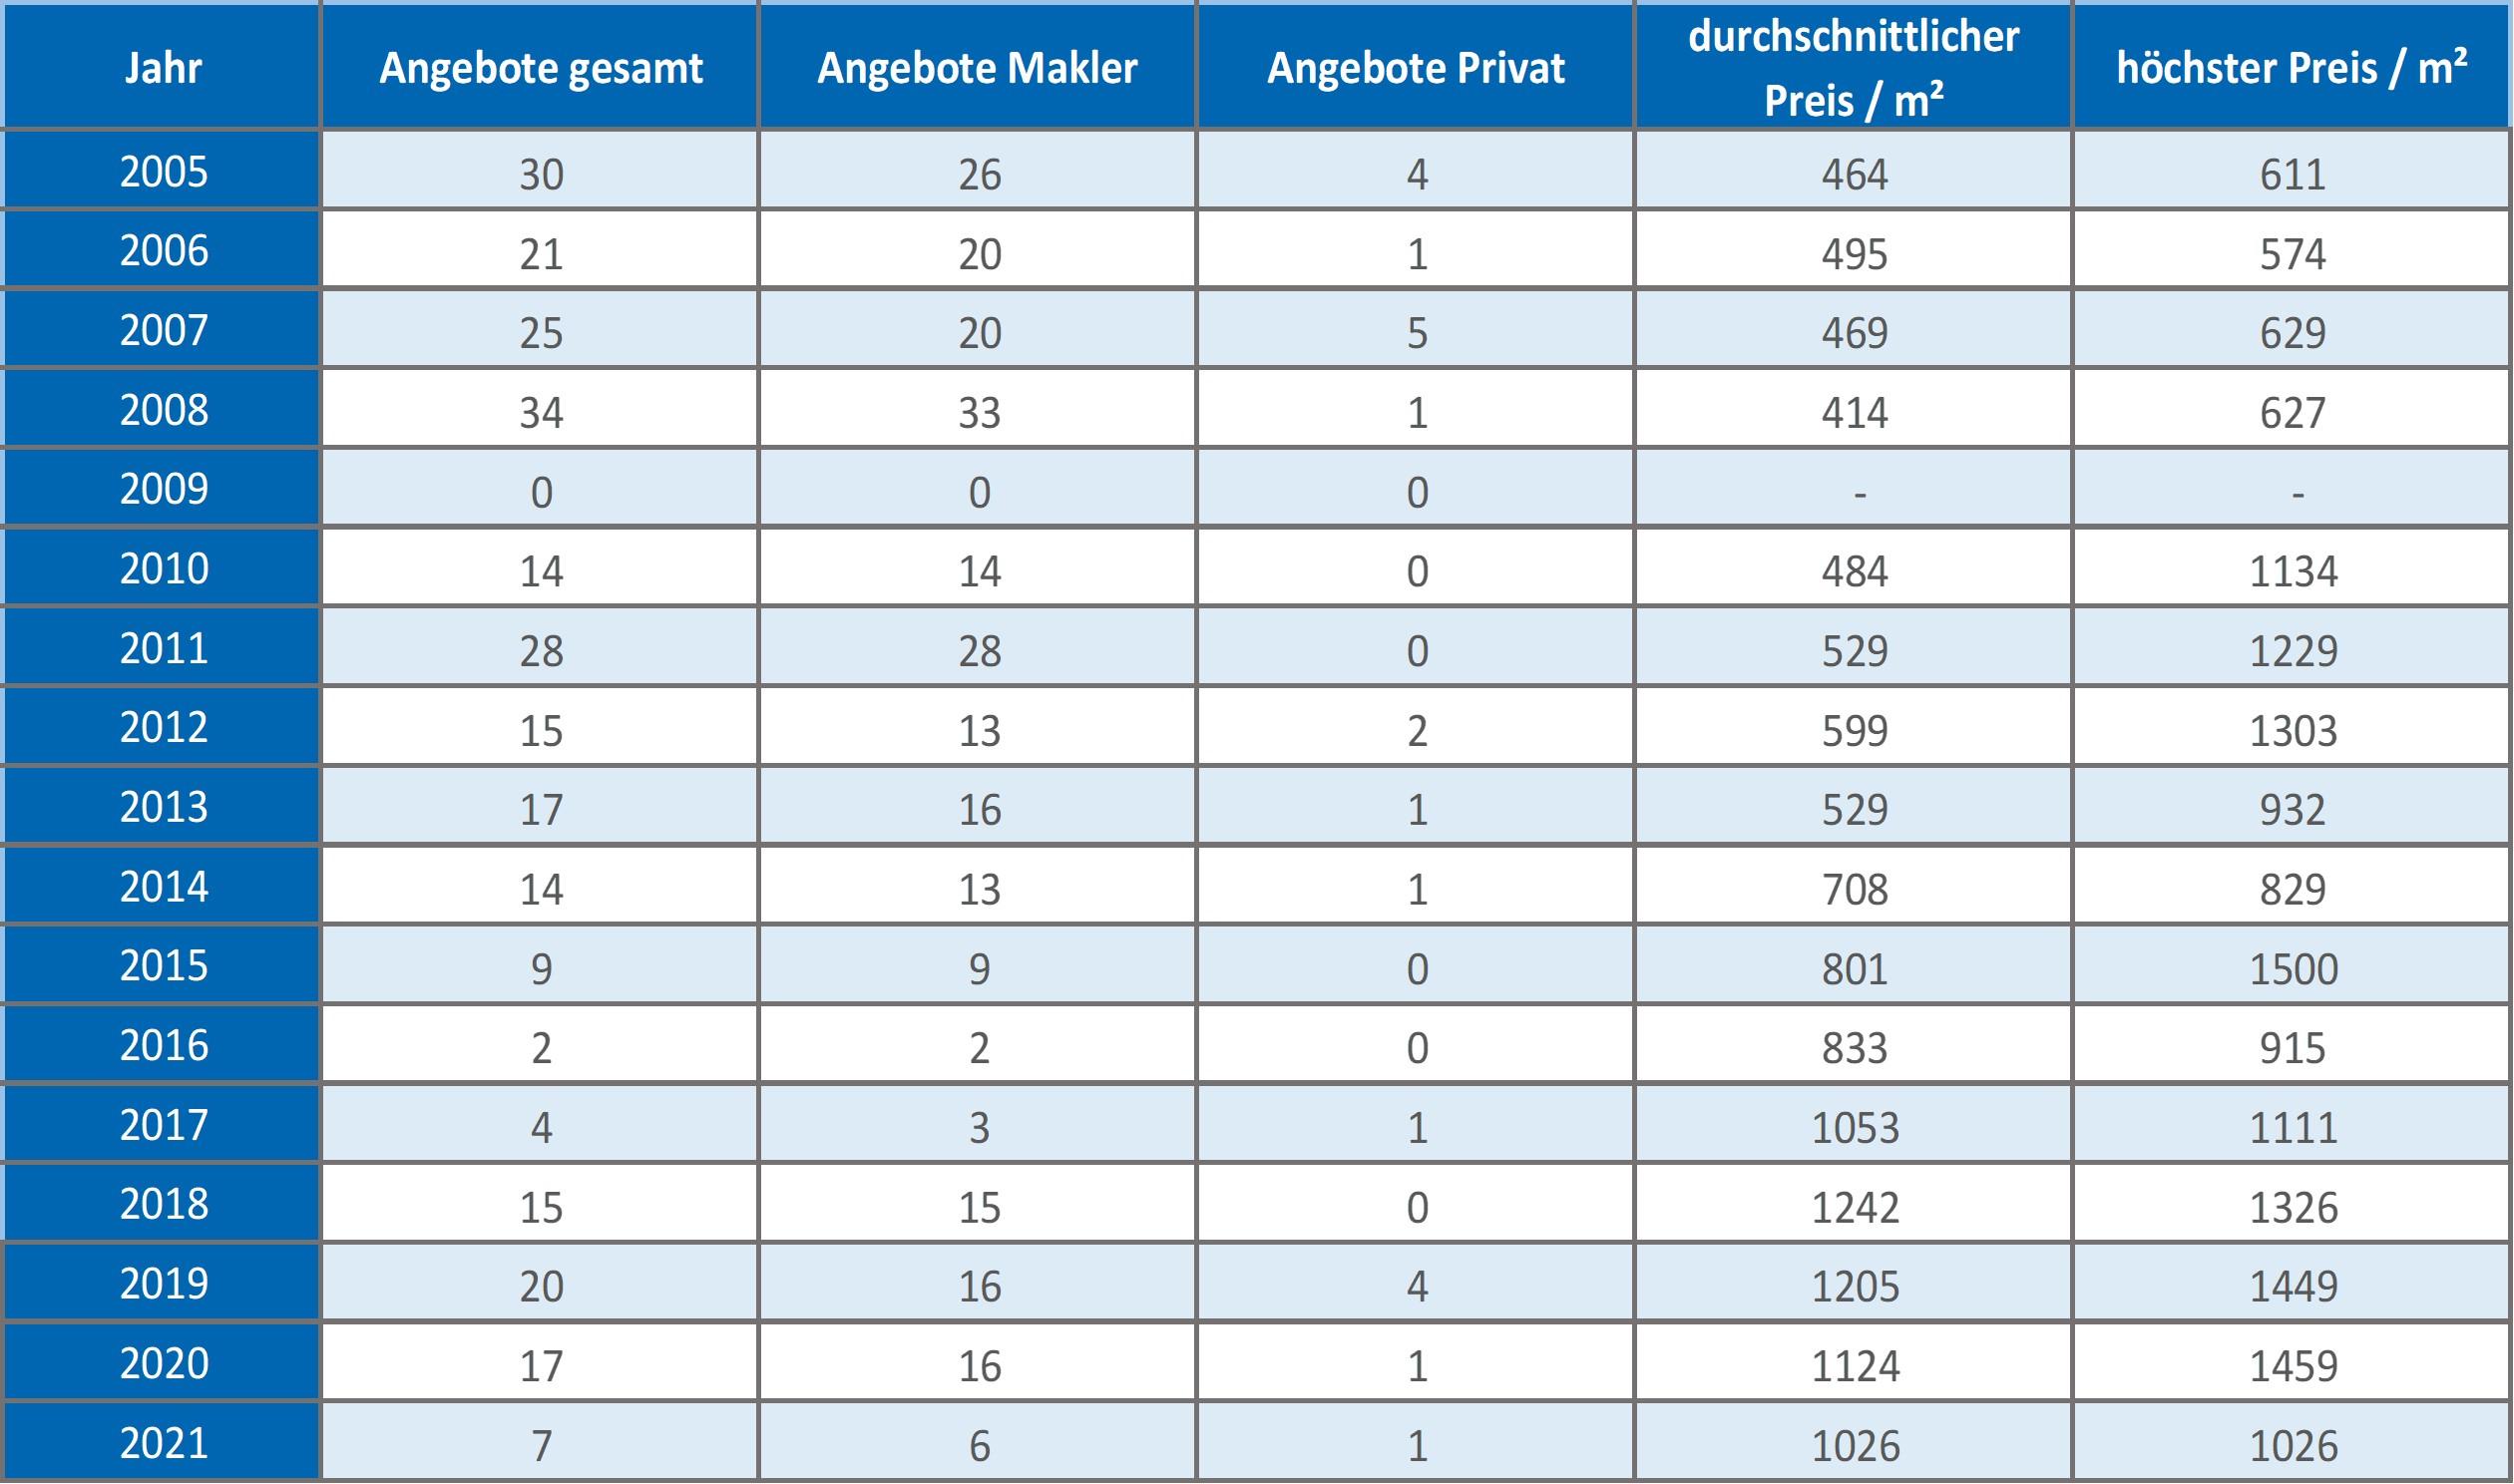 Olching-Grundstück-Kaufen-Verkaufen-Makler 2019 2020 2021